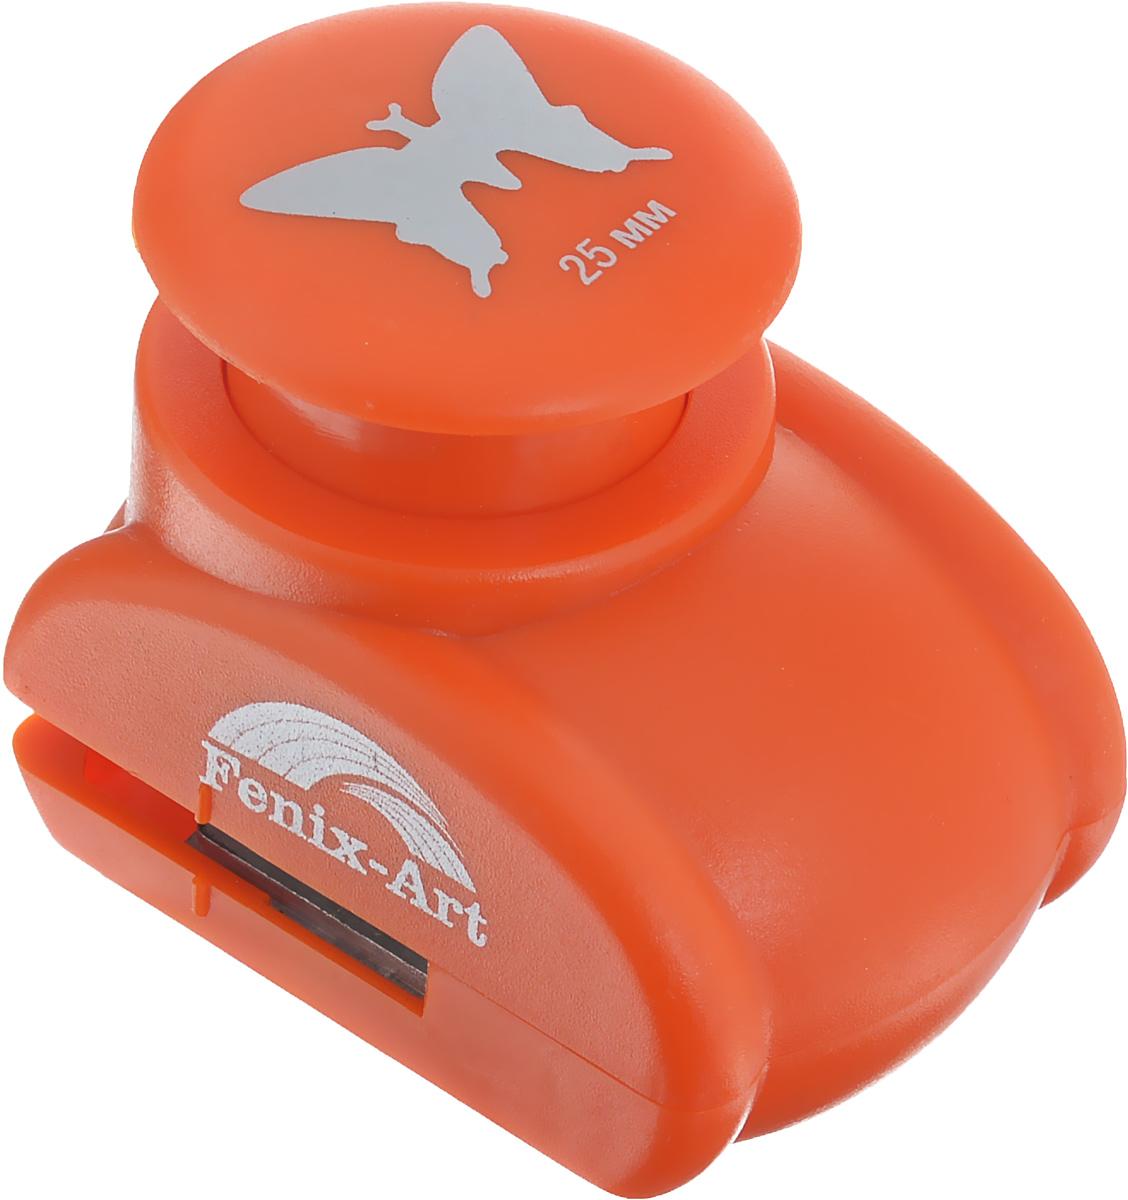 Дырокол фигурный Феникс+ Бабочка, цвет: оранжевый. 3719837198Дырокол фигурный Феникс+ Бабочка поможет вам легко, просто и аккуратно вырезать много одинаковых мелких фигурок. Режущие части компостера закрыты пластмассовым корпусом, что обеспечивает безопасность для детей. Можно использовать вырезанные мотивы как конфетти или для наклеивания.Дырокол подходит для разных техник: декупажа, скрапбукинга, декорирования.Размер дырокола: 6,25 см х 4,4 см х 4,9 см.Размер готовой фигурки: 2,5 см.